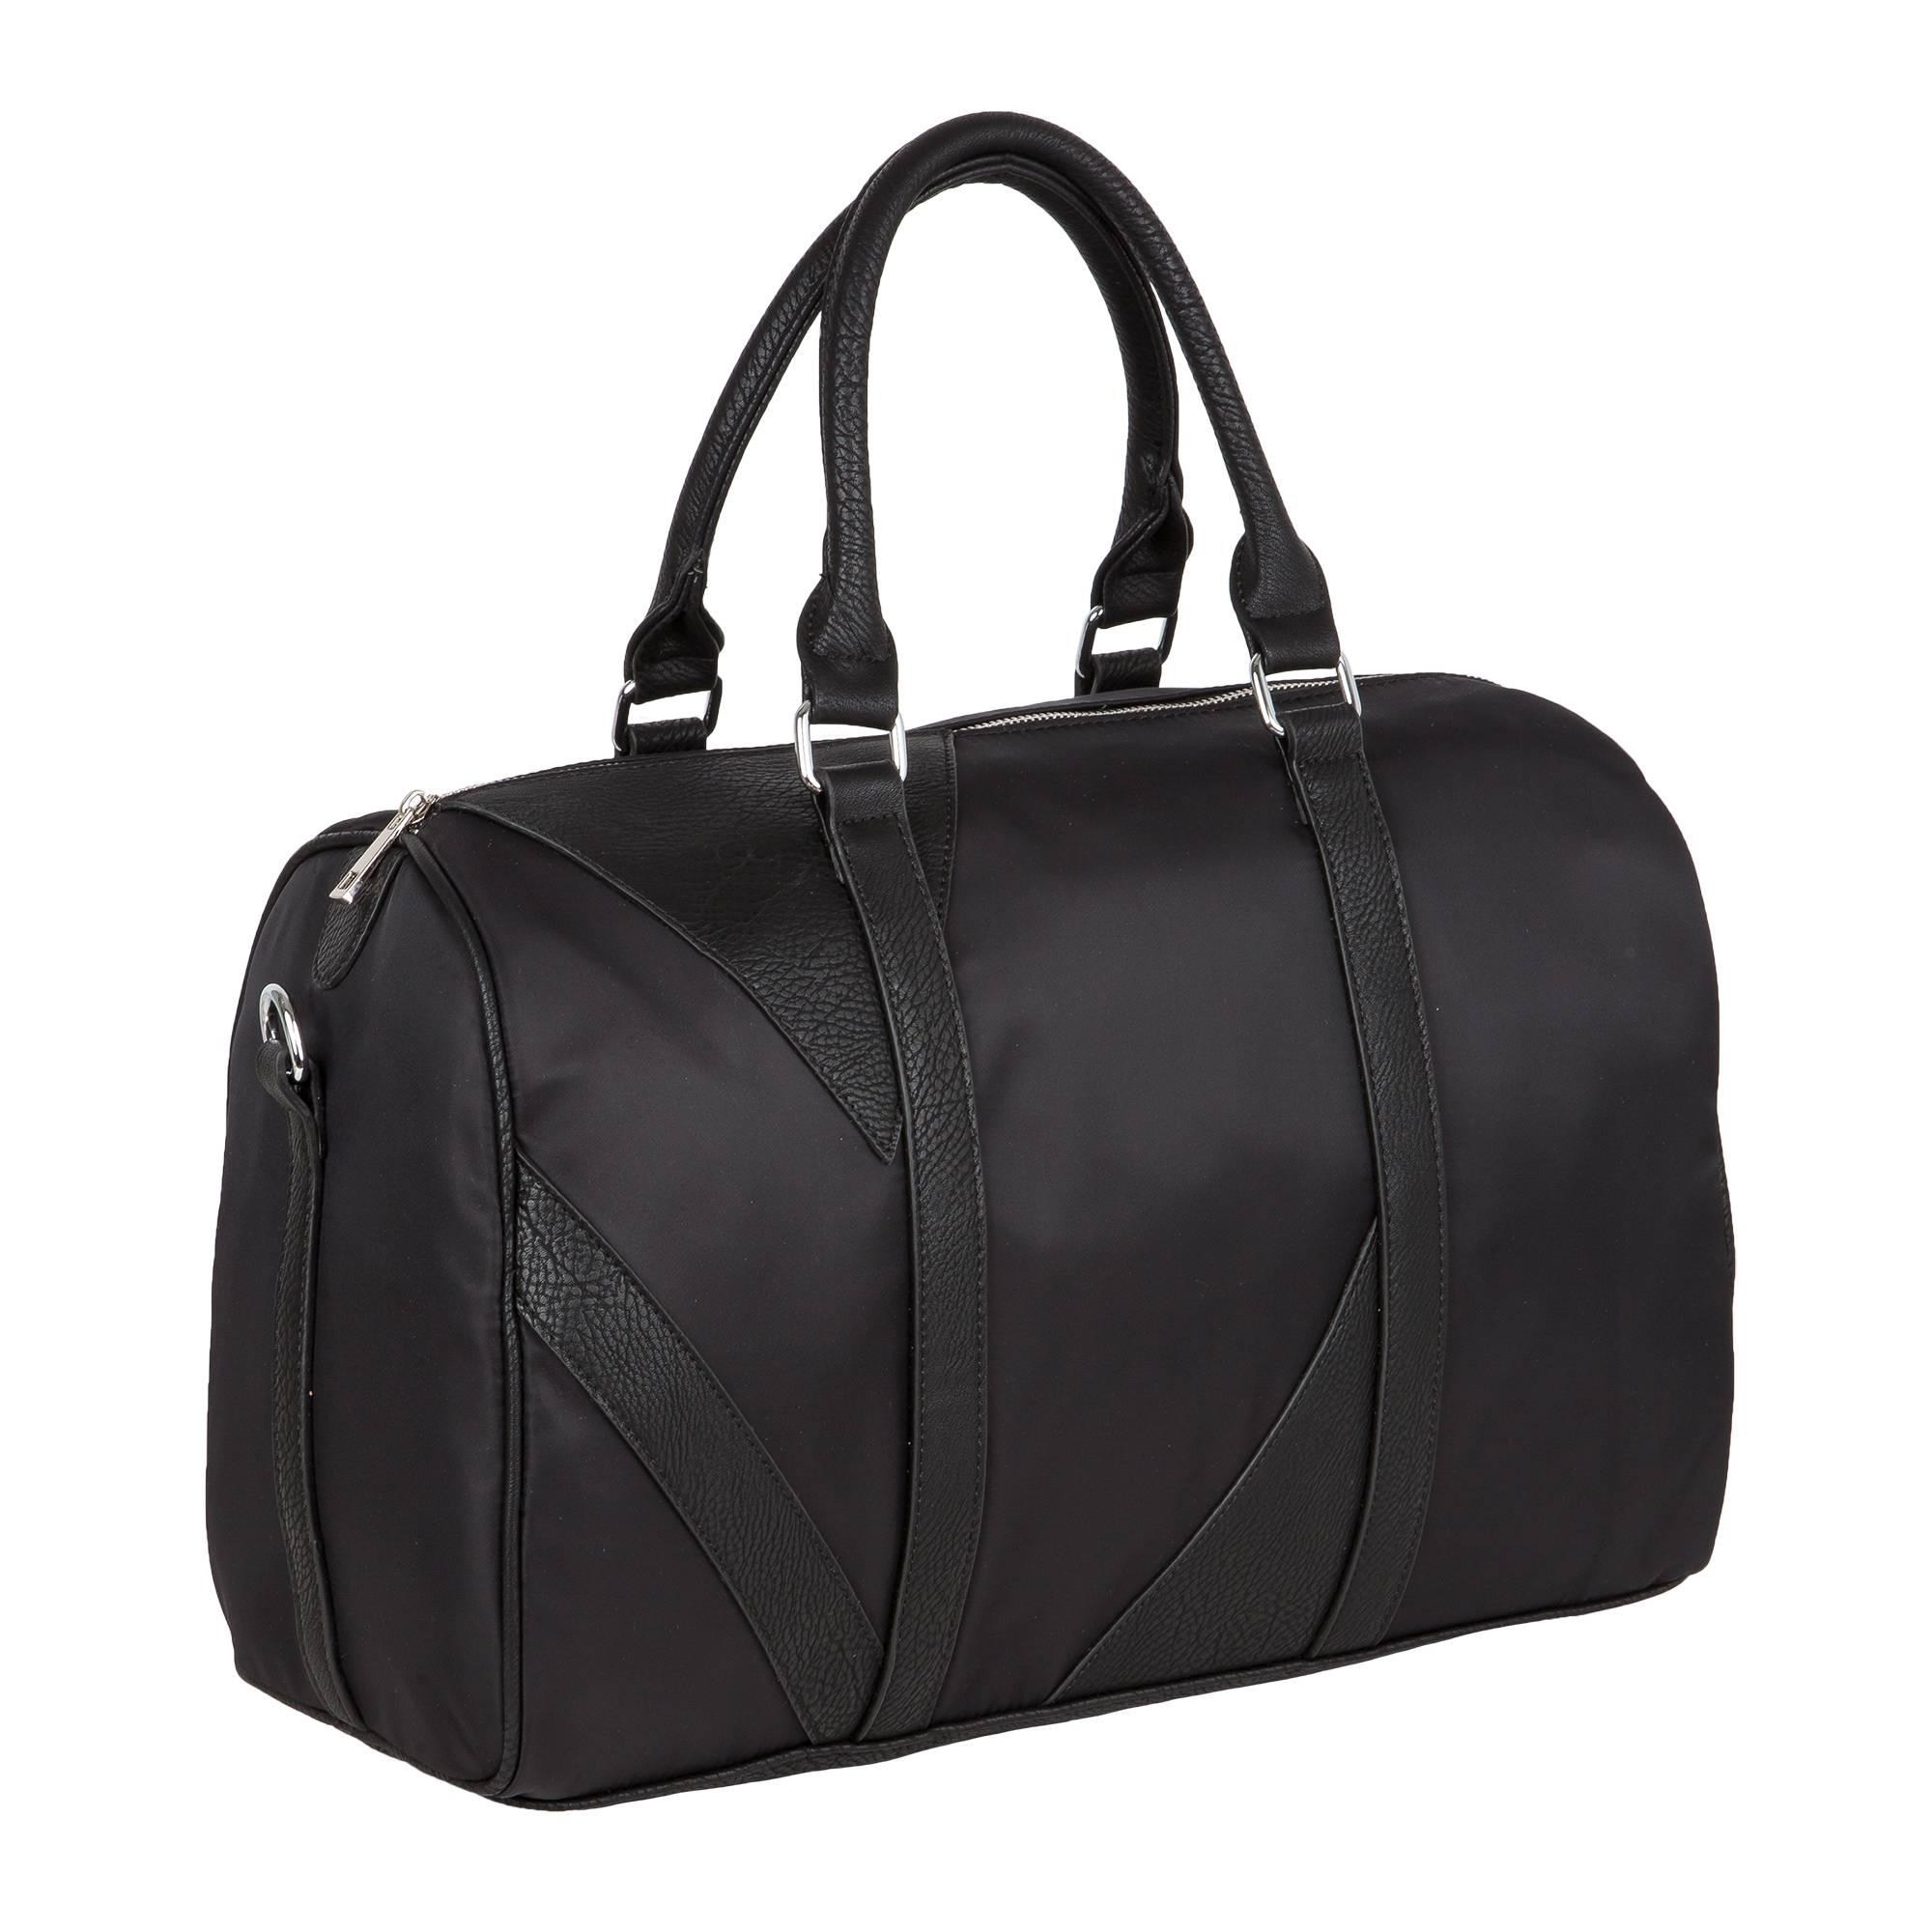 5066ebd6e476 Кожаные мужские сумки - купить оптом - интернет-магазин Pola.ru